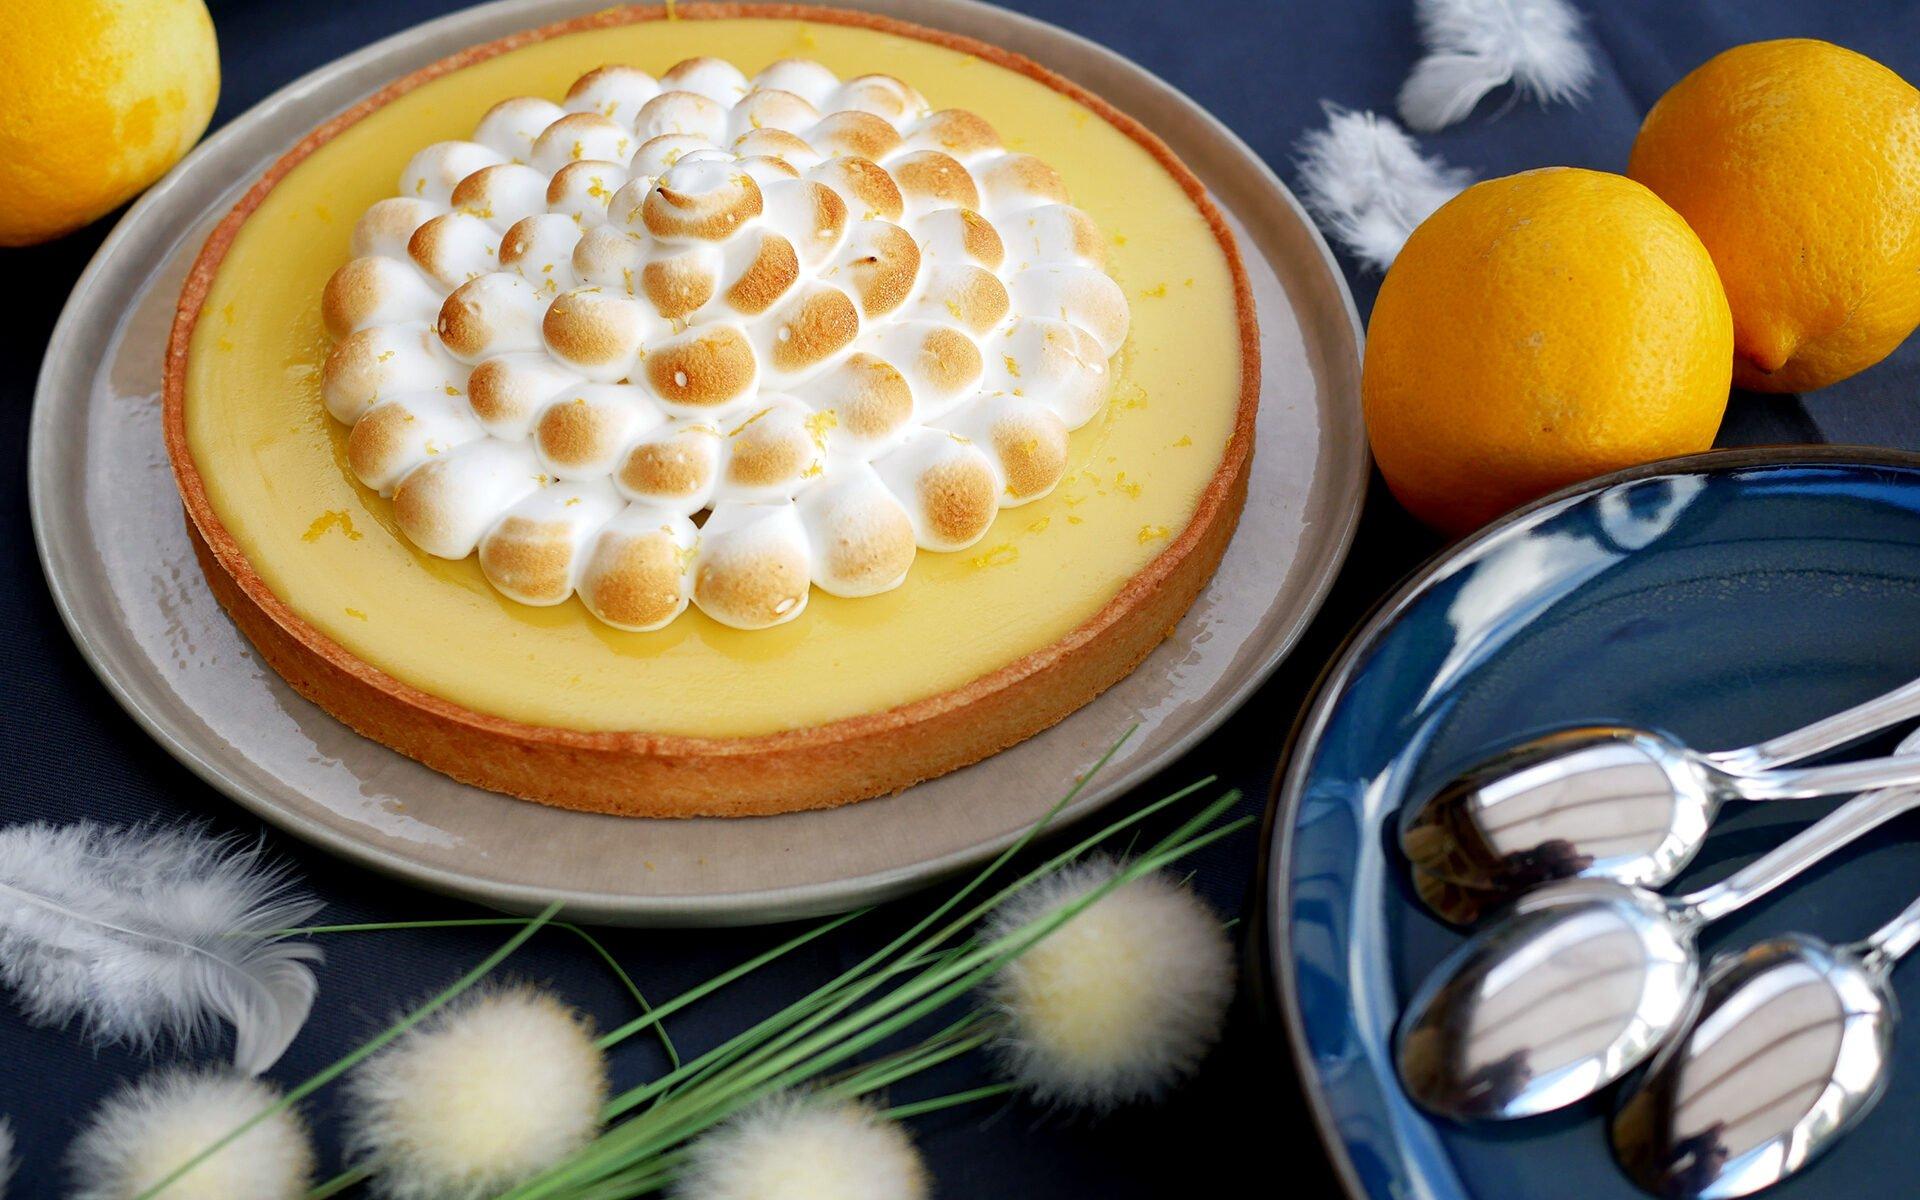 Tarte au citron meringuée - le grand classique